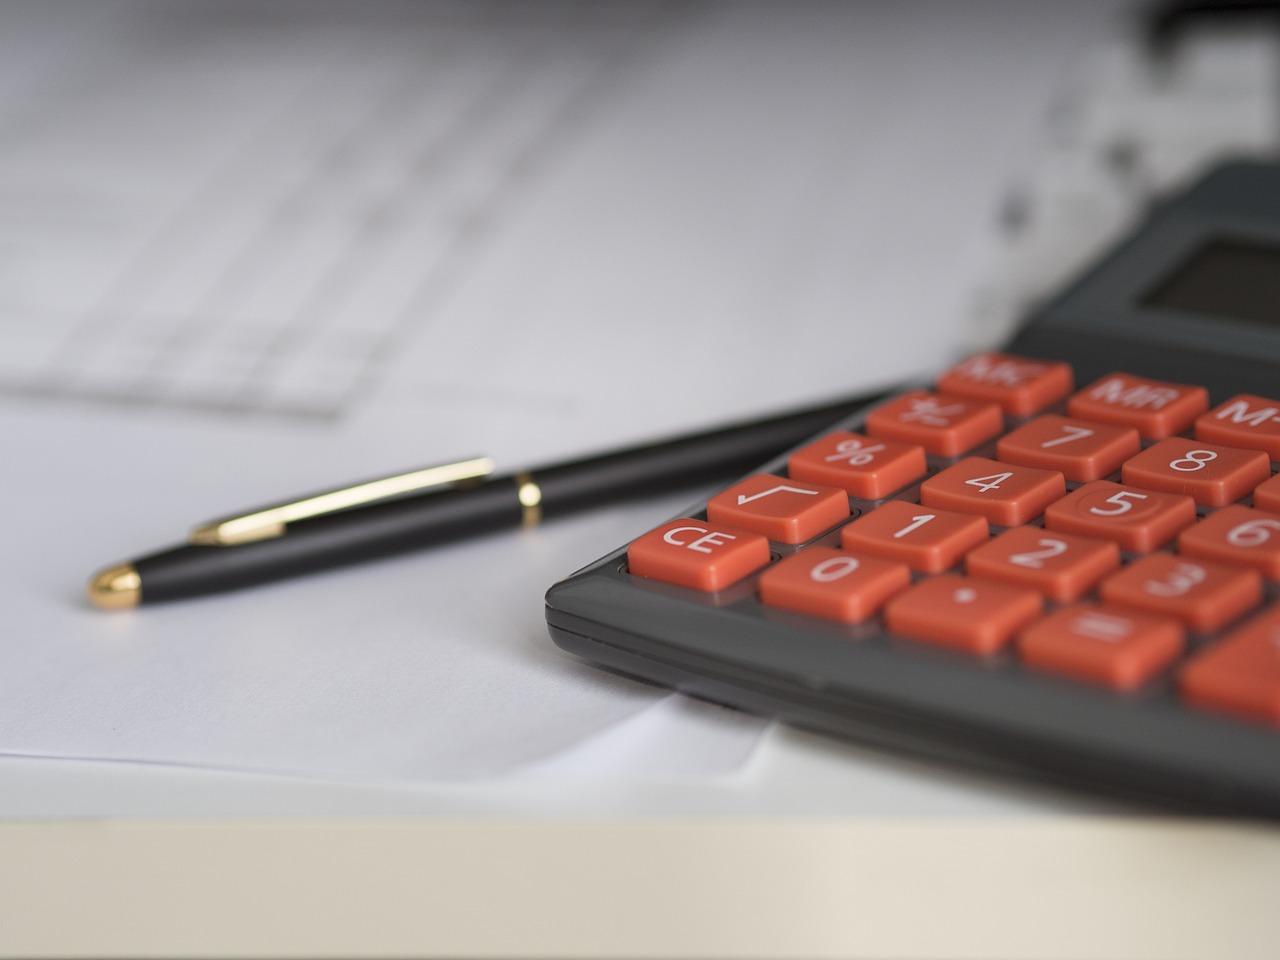 Mengapa Merek Produk yang Kuat Kunci Investasi Sukses?